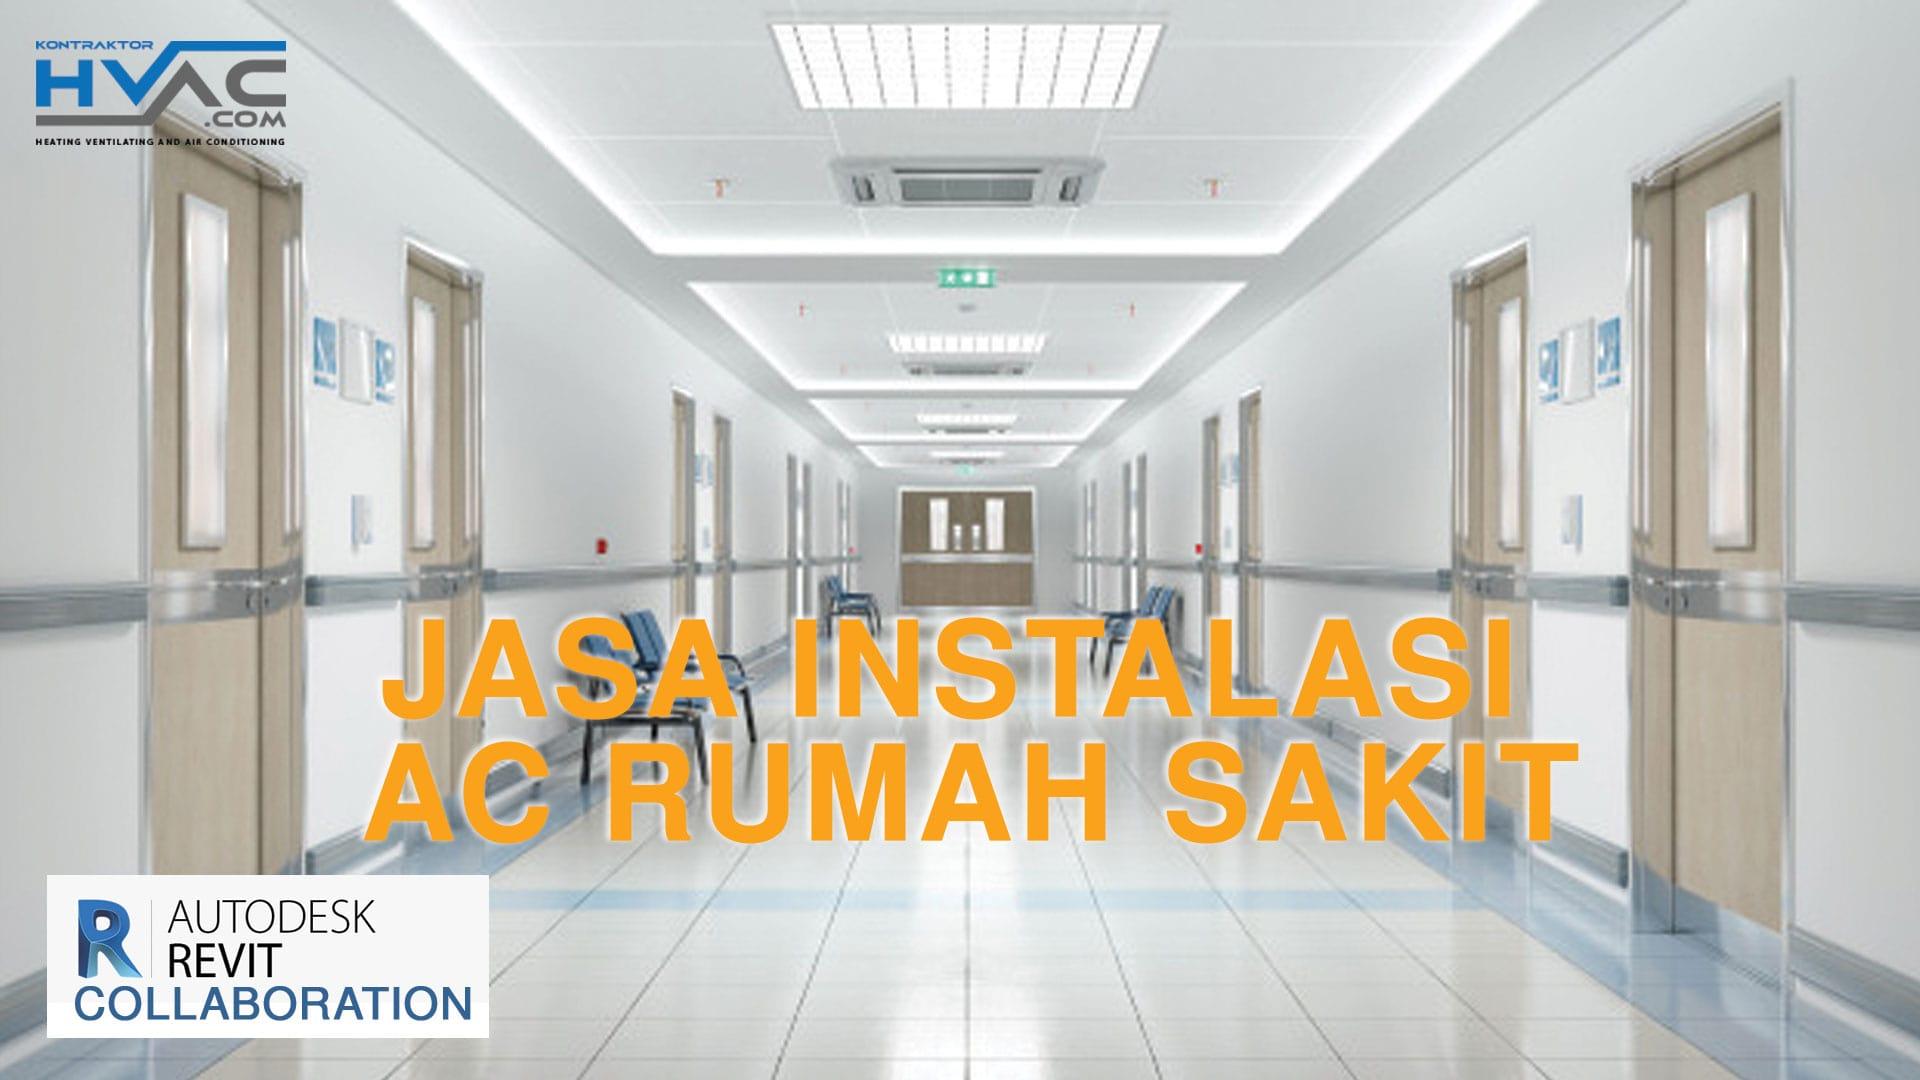 jasa-instalasi-ac-rumah-sakit-min